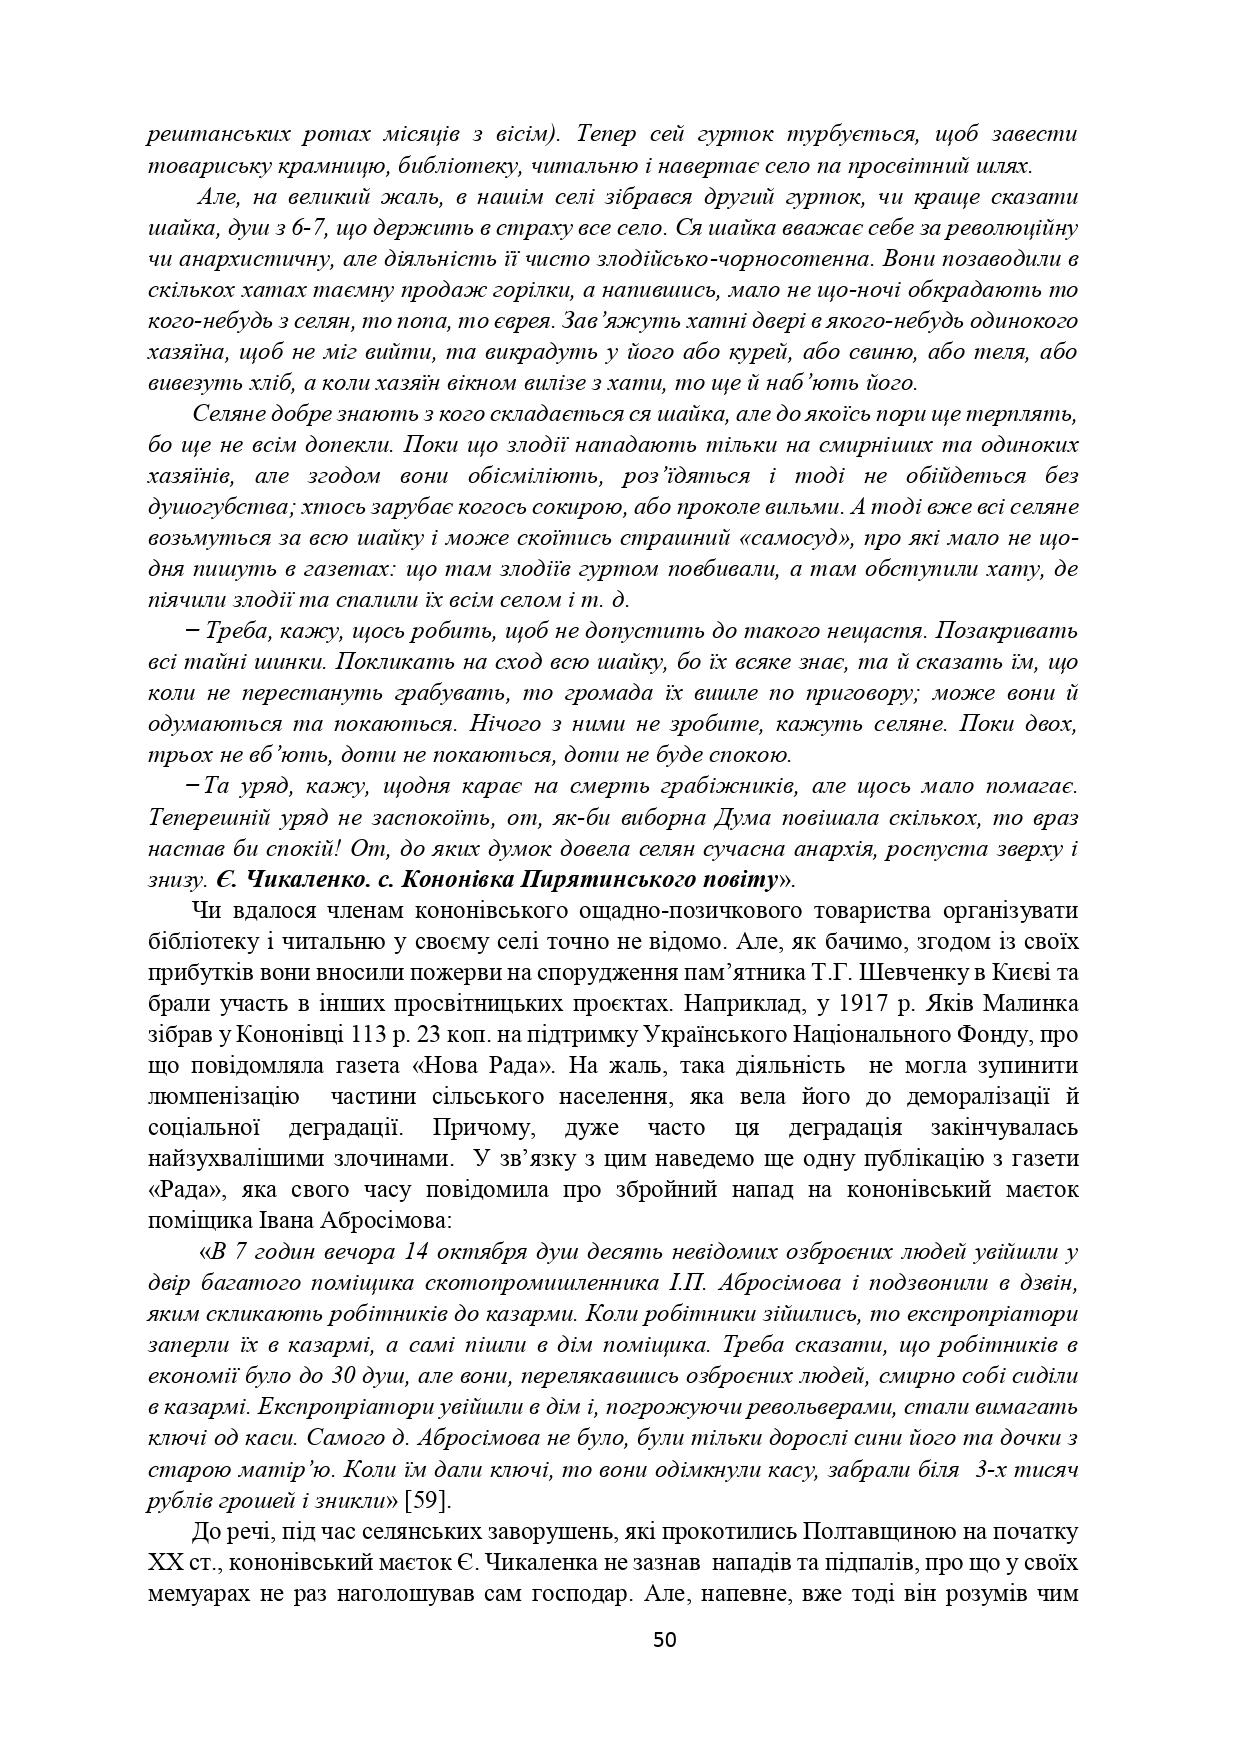 ІСТОРІЯ СЕЛА КОНОНІВКА 2021 (1)_page-0050